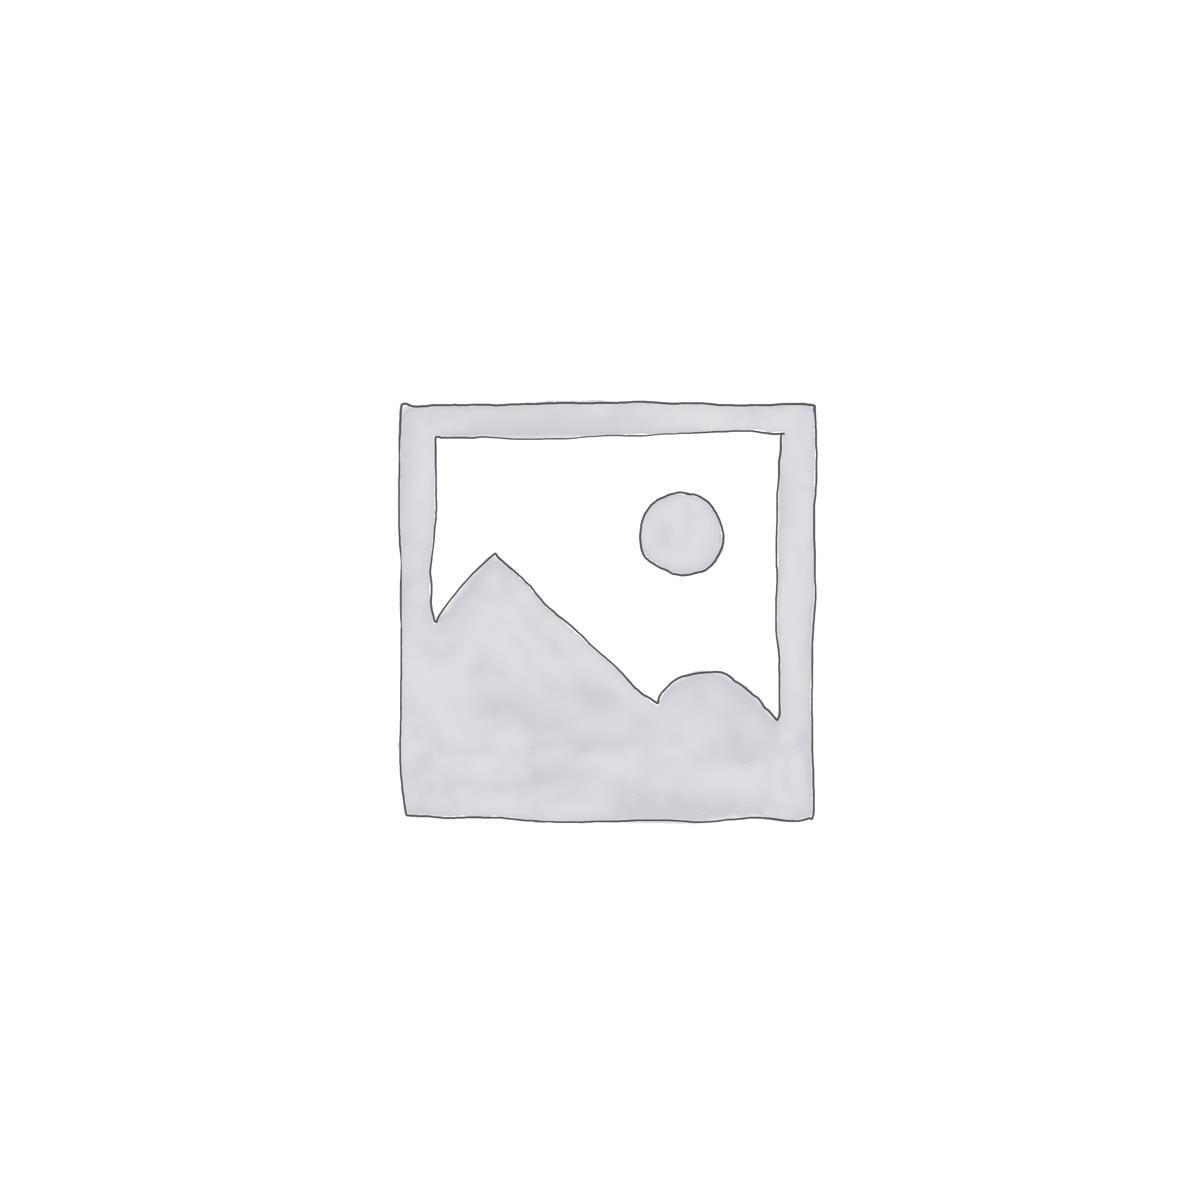 Aerial Nature View Wallpaper Mural